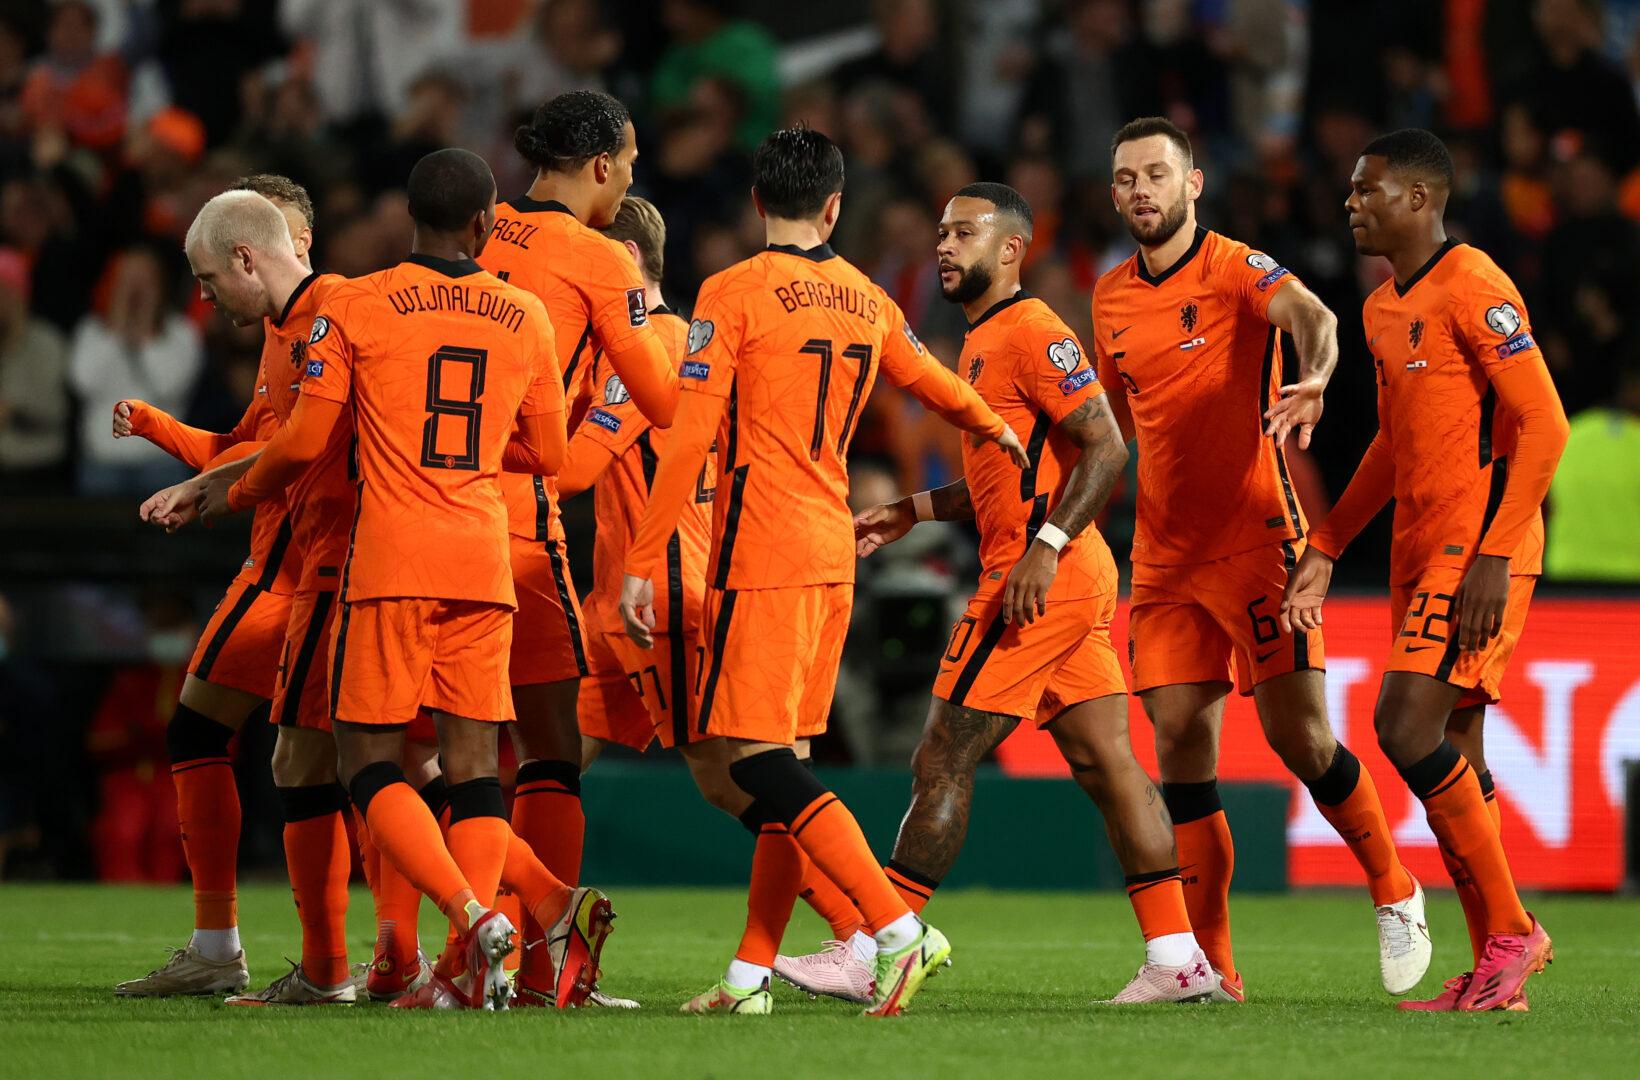 Die Niederlande feierte in der WM-Qualifikation einen souveränen Sieg über Gibraltar.